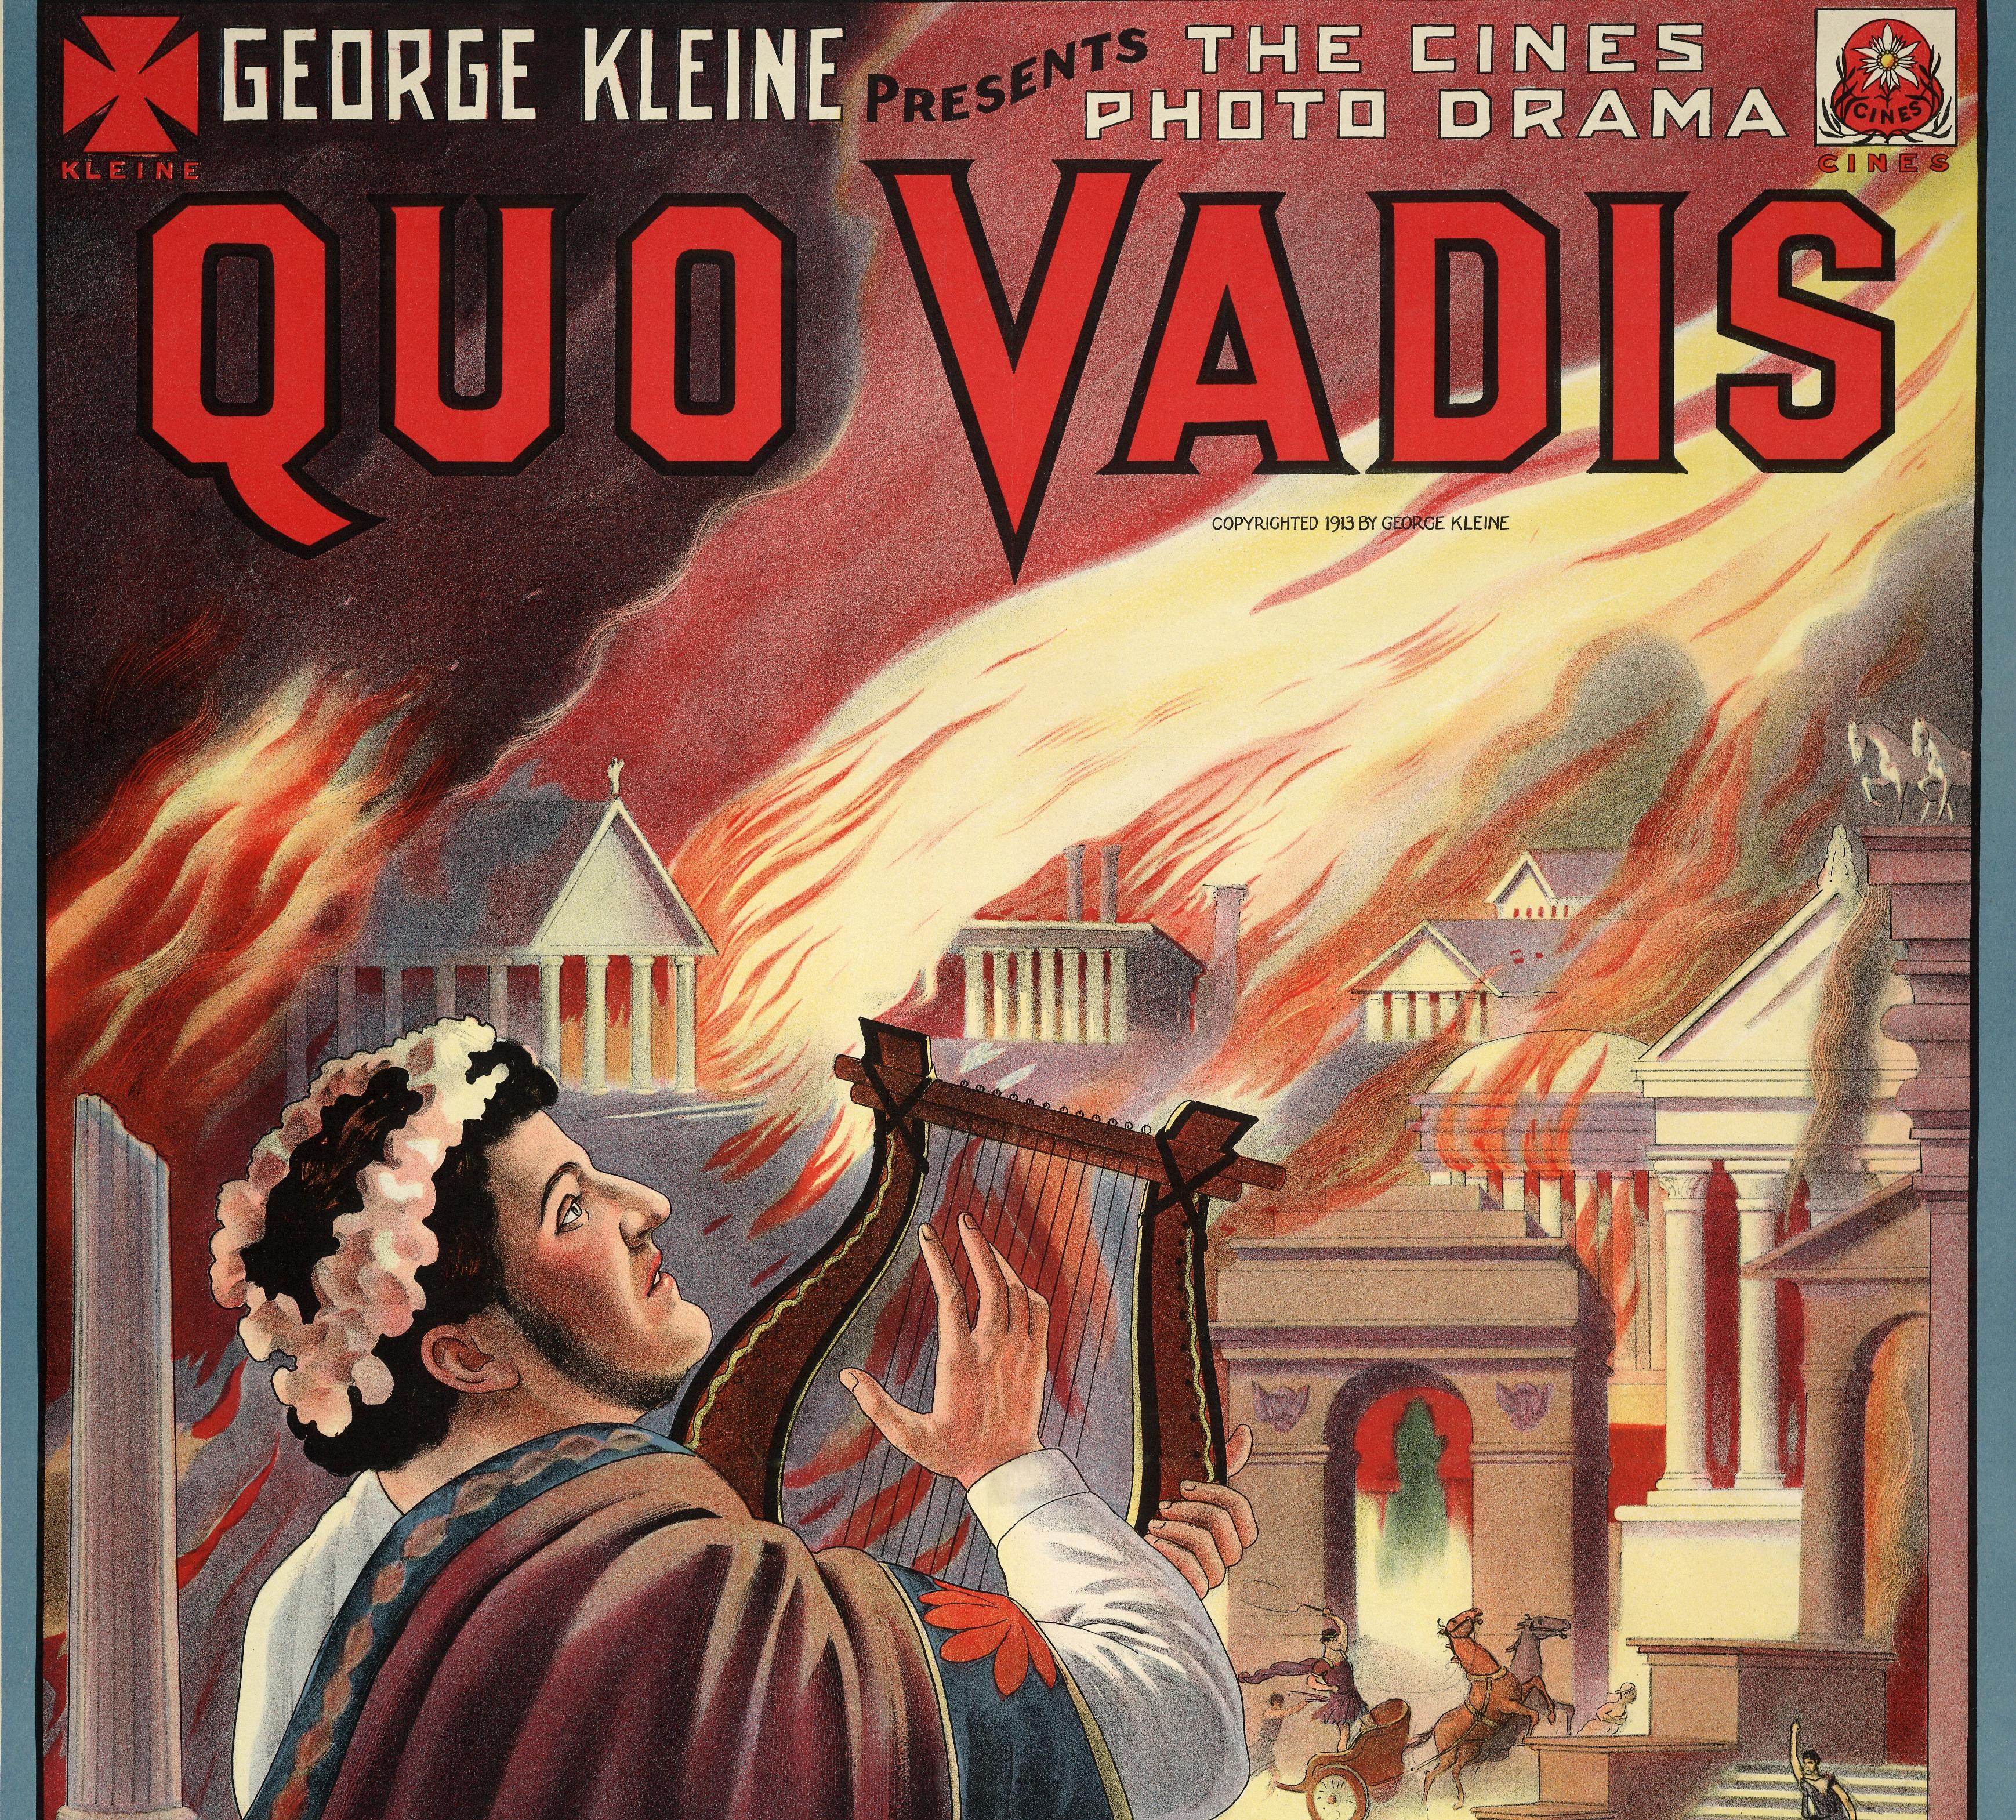 La película italiana Quo Vadis fue probablemente una de las primera superproducciones cinematográficas estrenadas en La Isla.